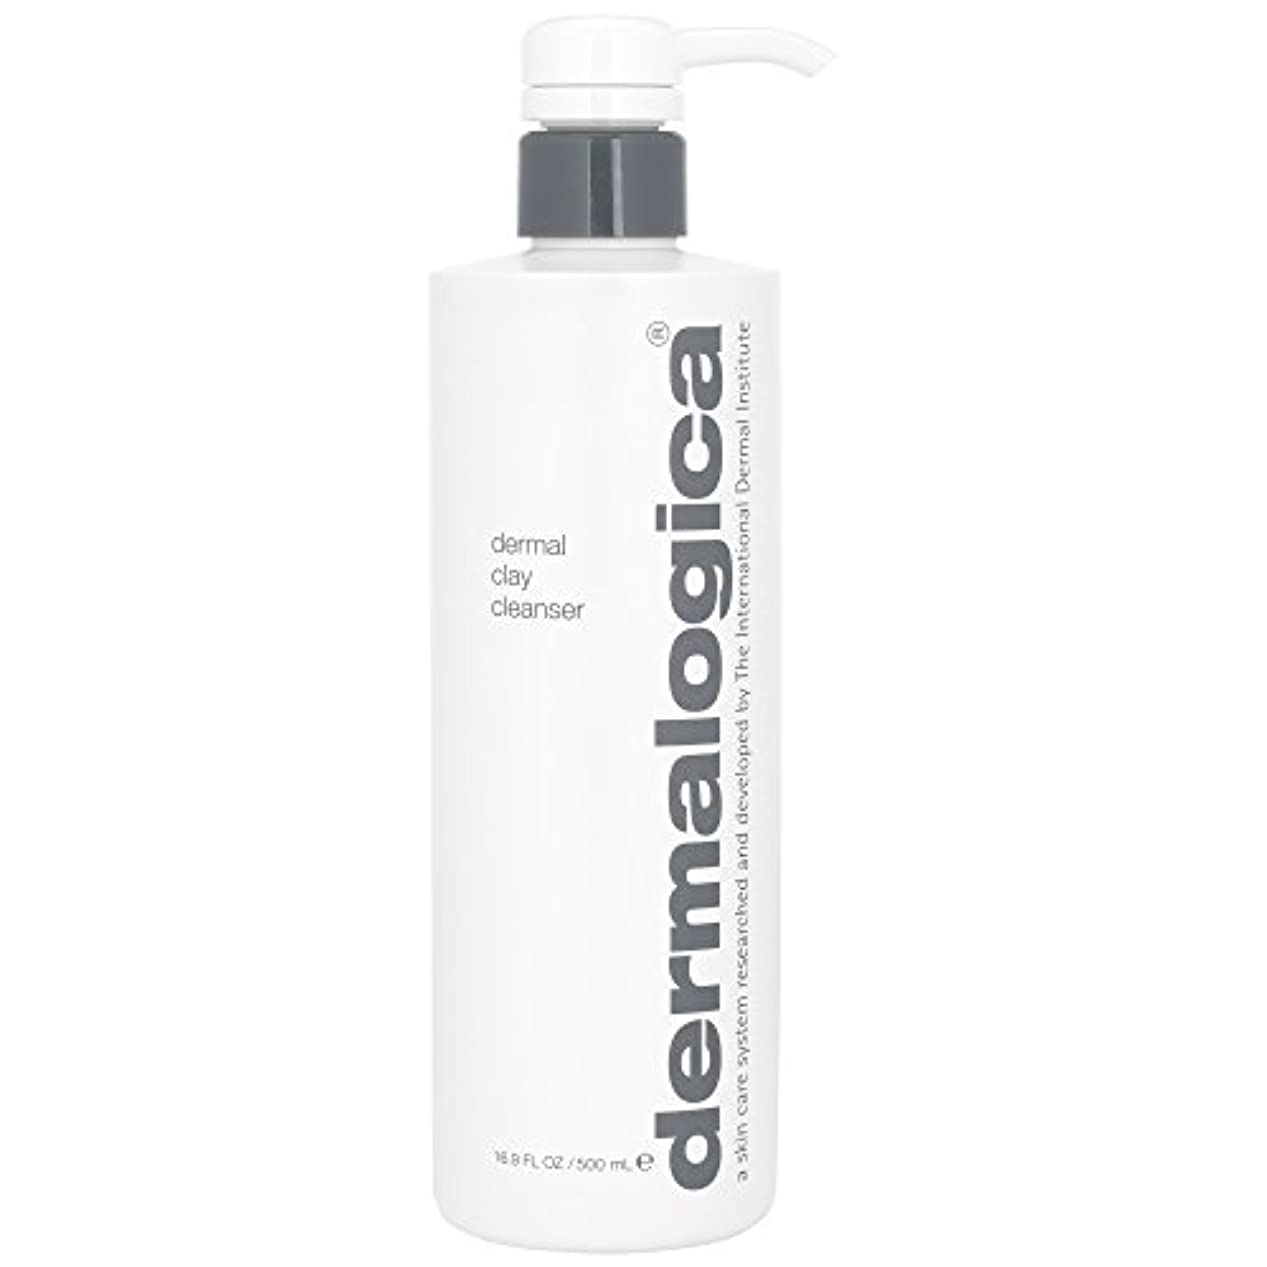 バルク以来試用ダーマロジカ真皮クレイクレンザー500ミリリットル (Dermalogica) (x2) - Dermalogica Dermal Clay Cleanser 500ml (Pack of 2) [並行輸入品]